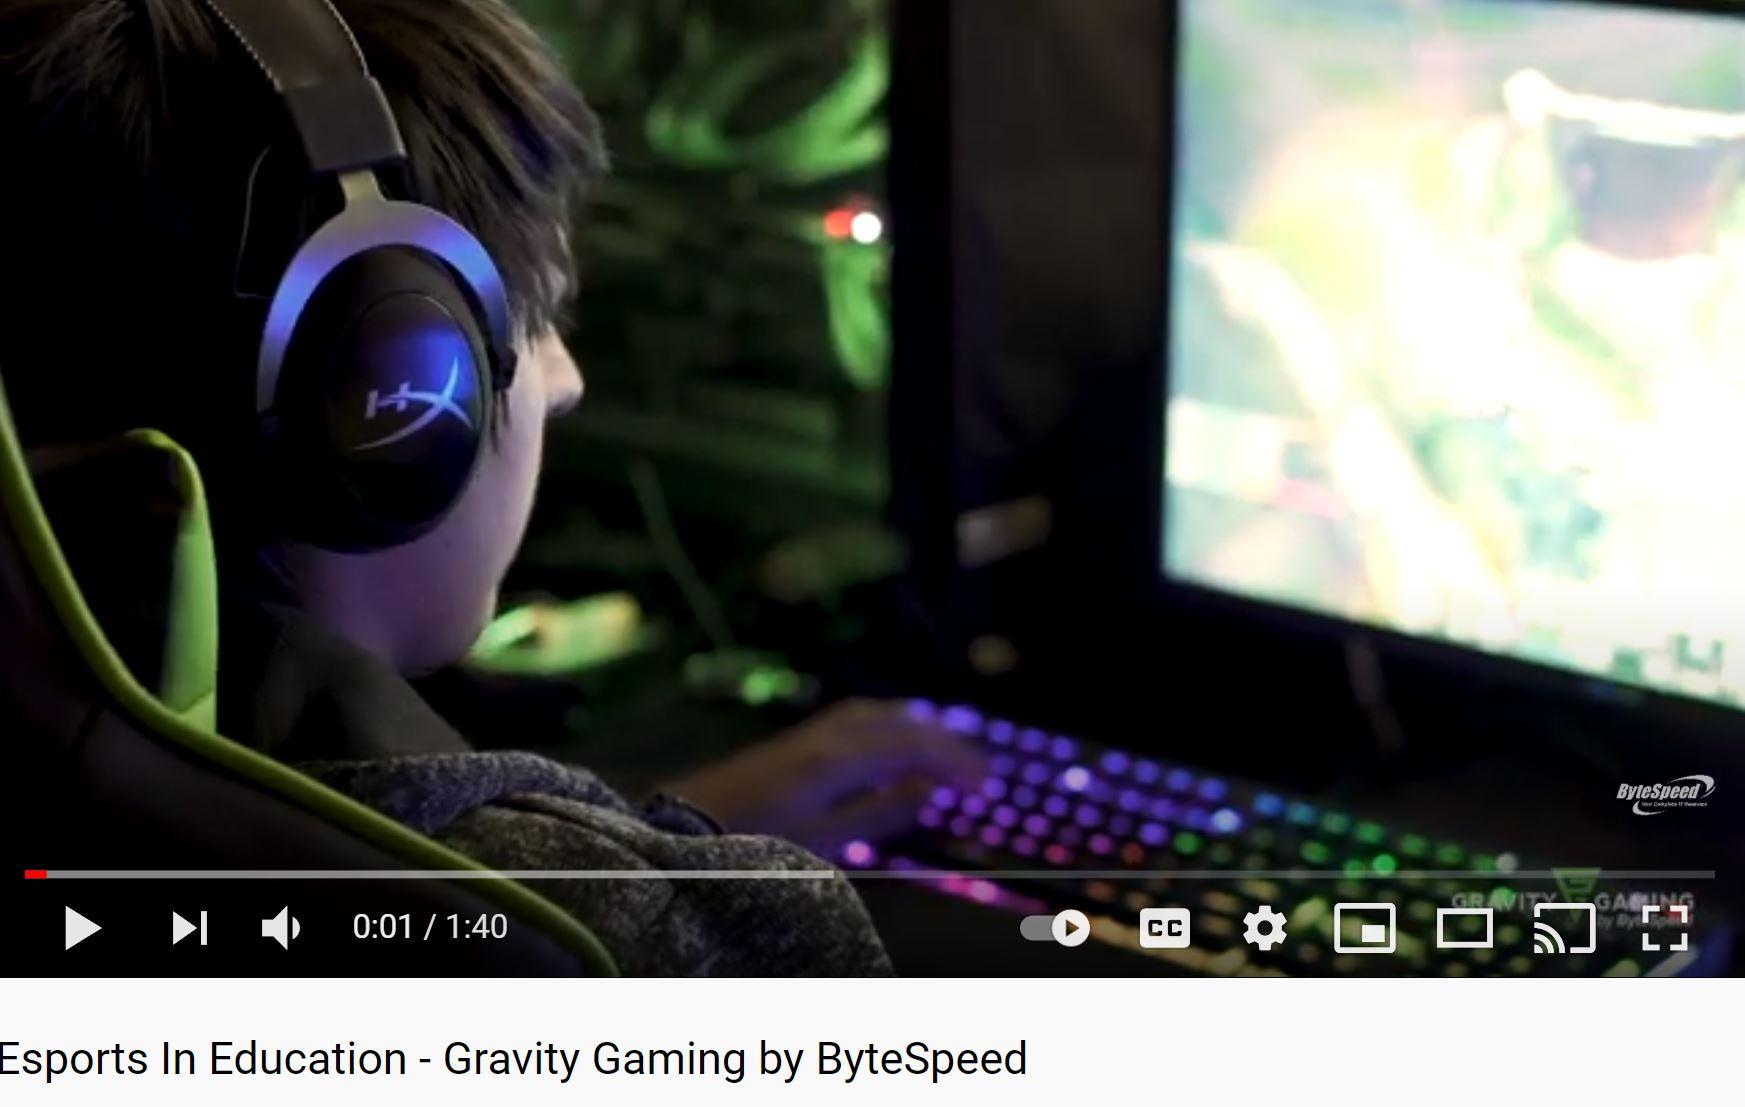 Gravity in Gaming.JPG - 132.54 Kb